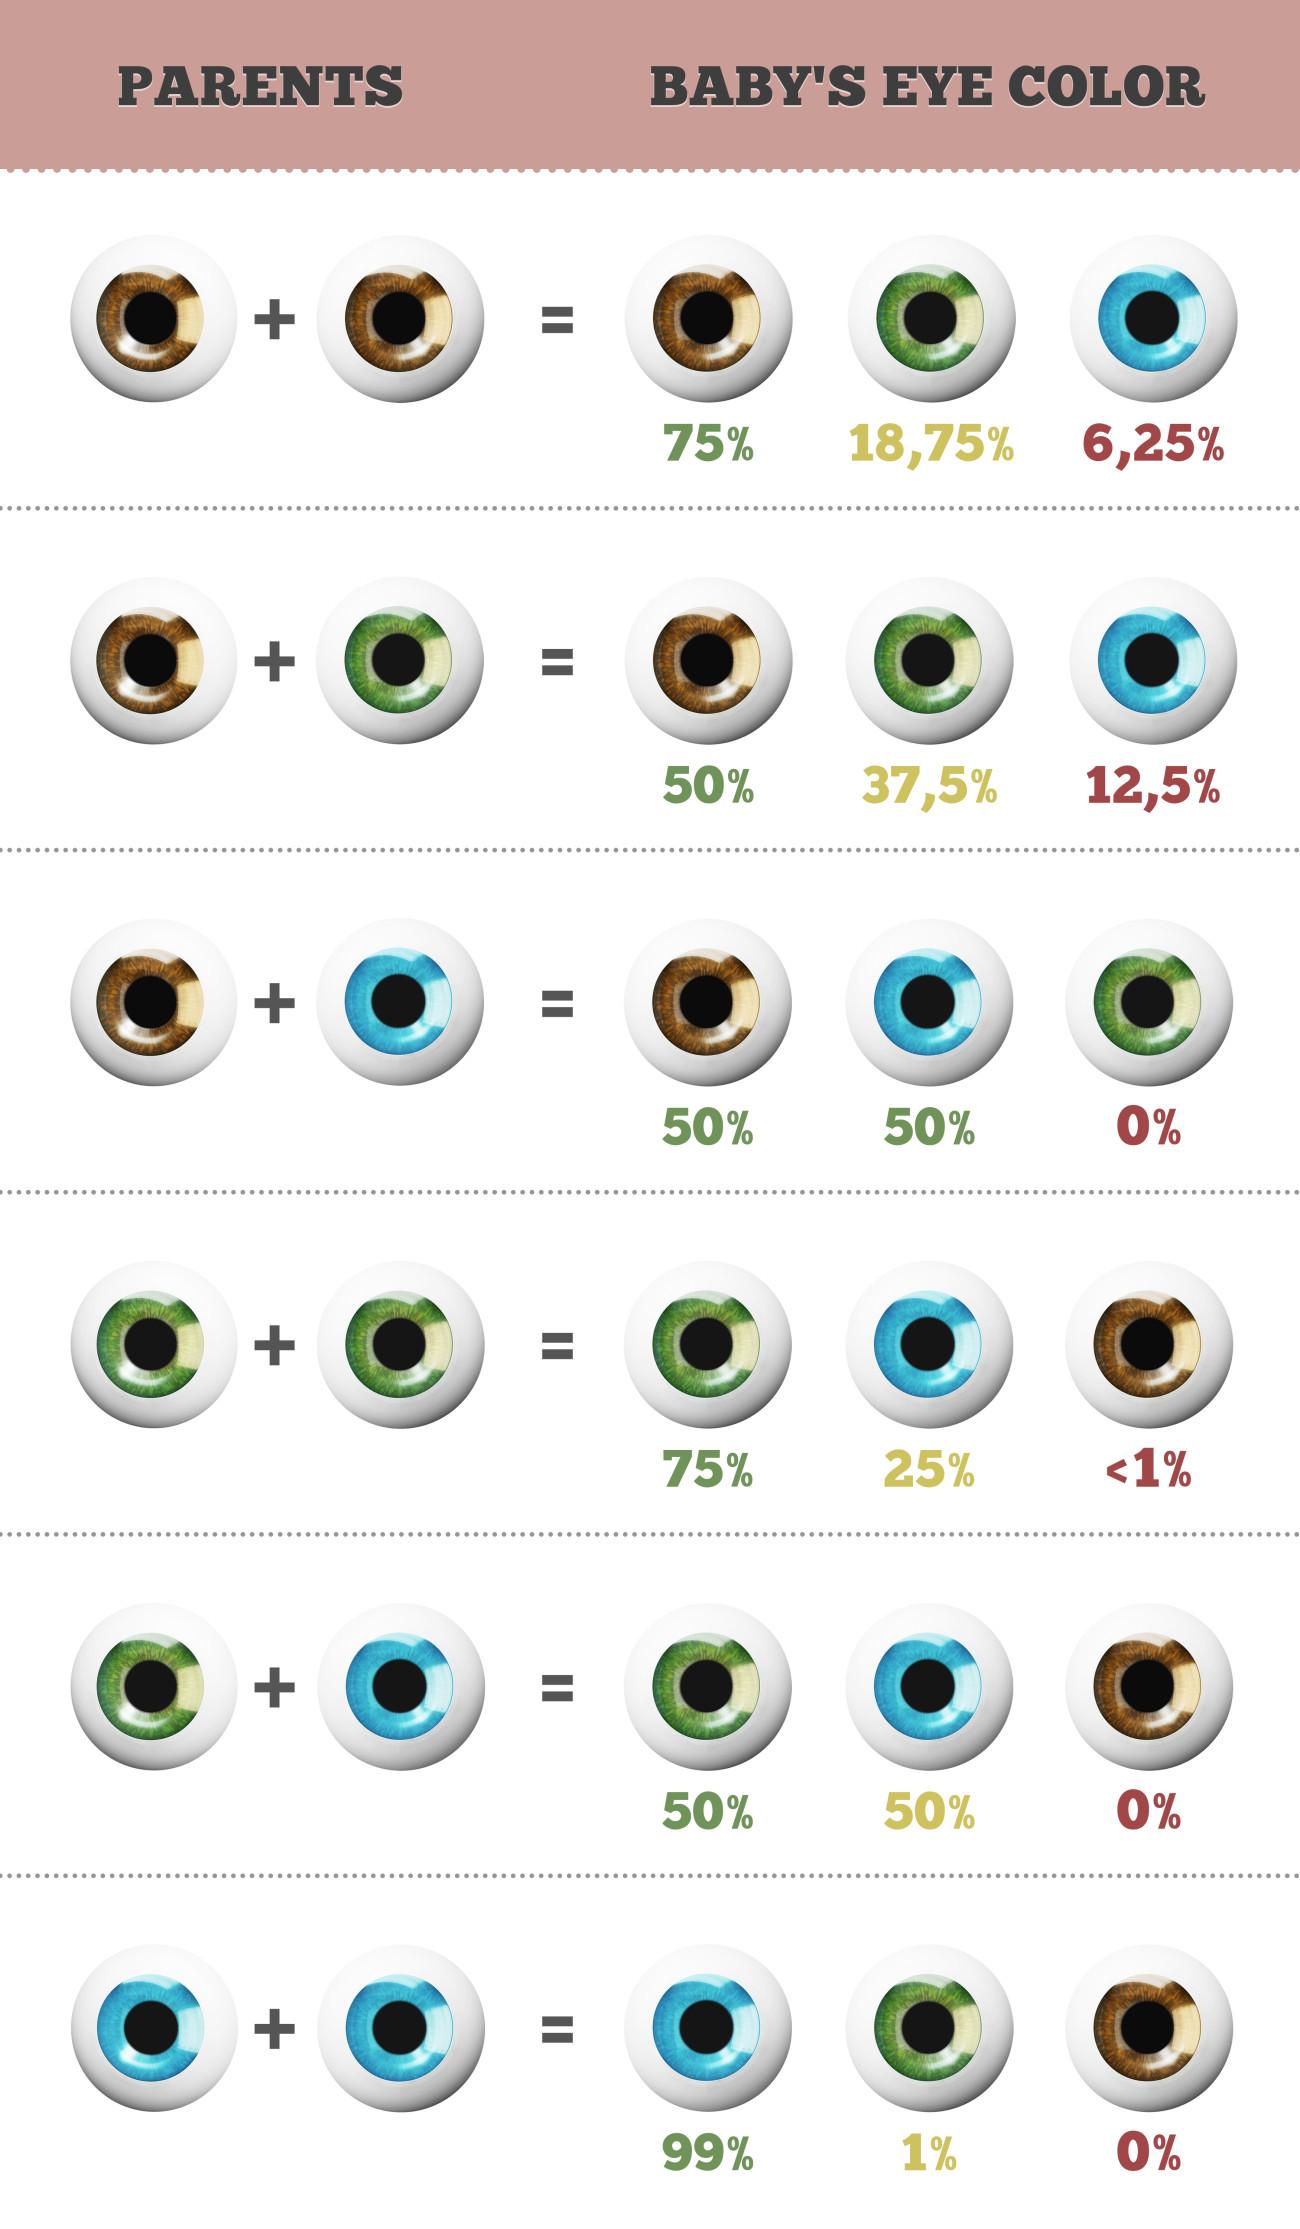 Spruche Braune Augen Spruche Uber Schone Augensprujoinnow Dev Artic